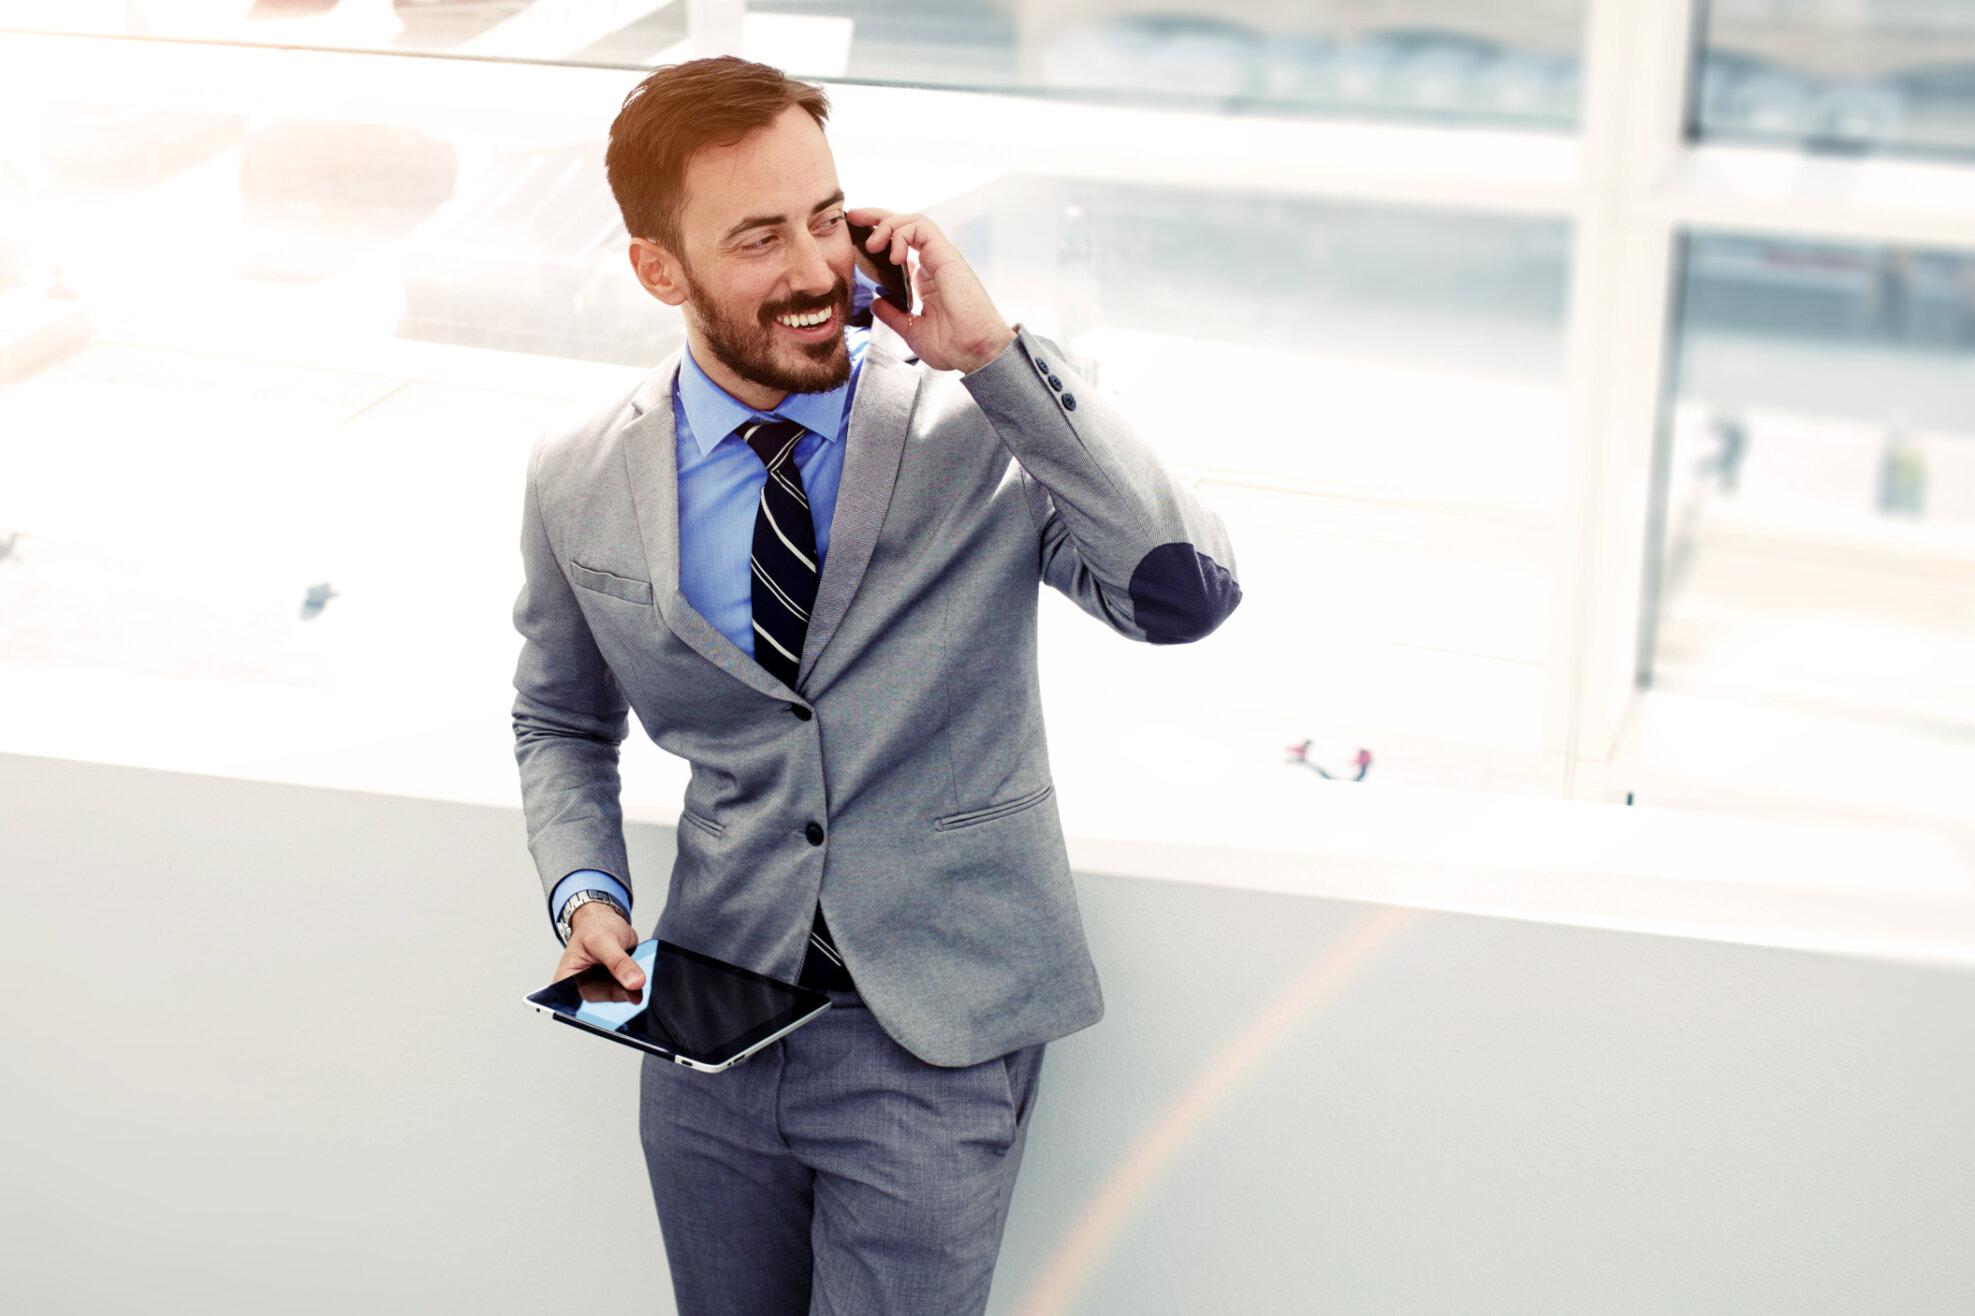 Vertikal Helse N3 328291337 businessman phone